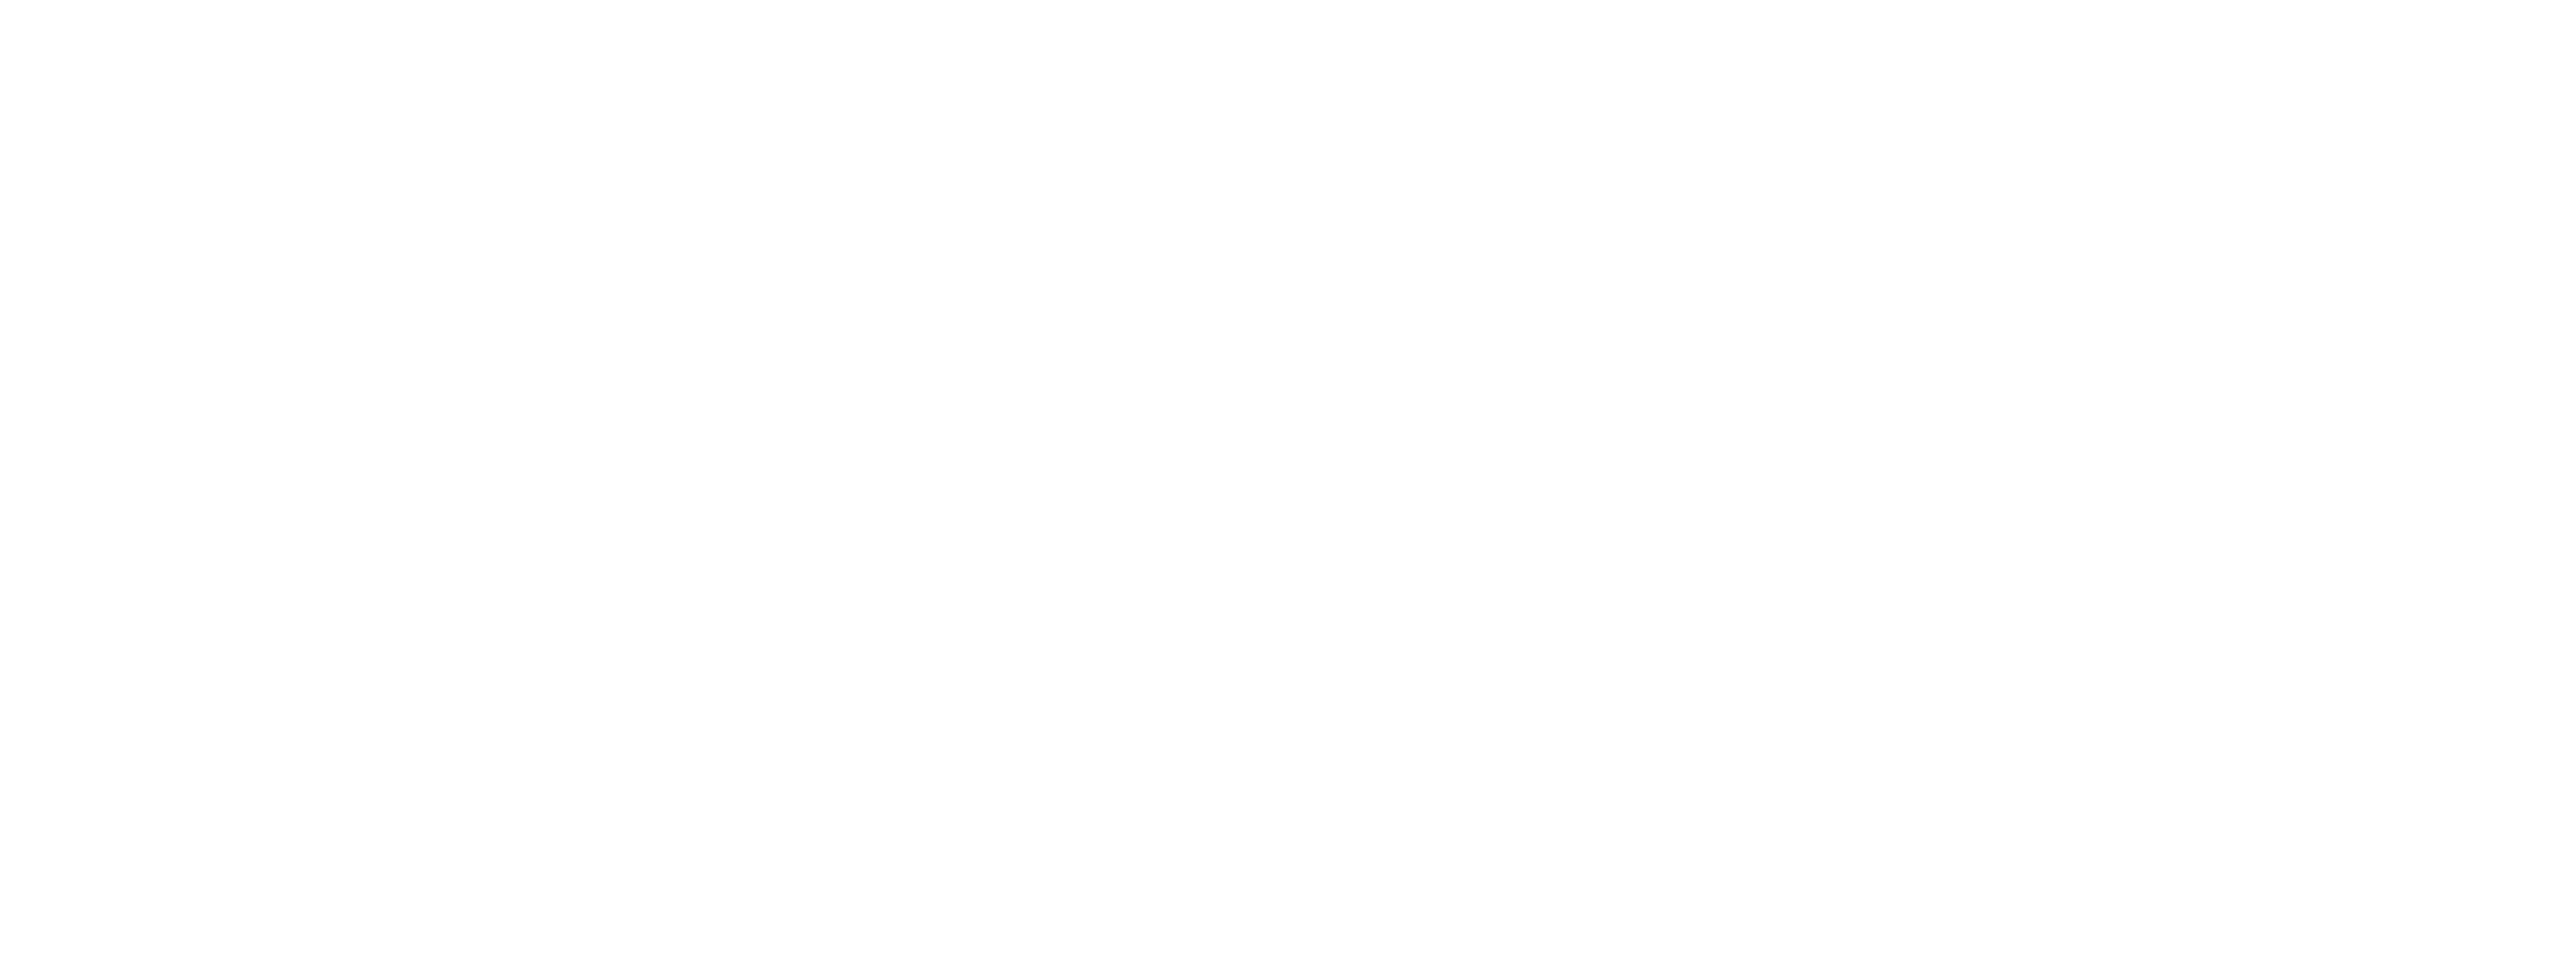 logo Don quijote